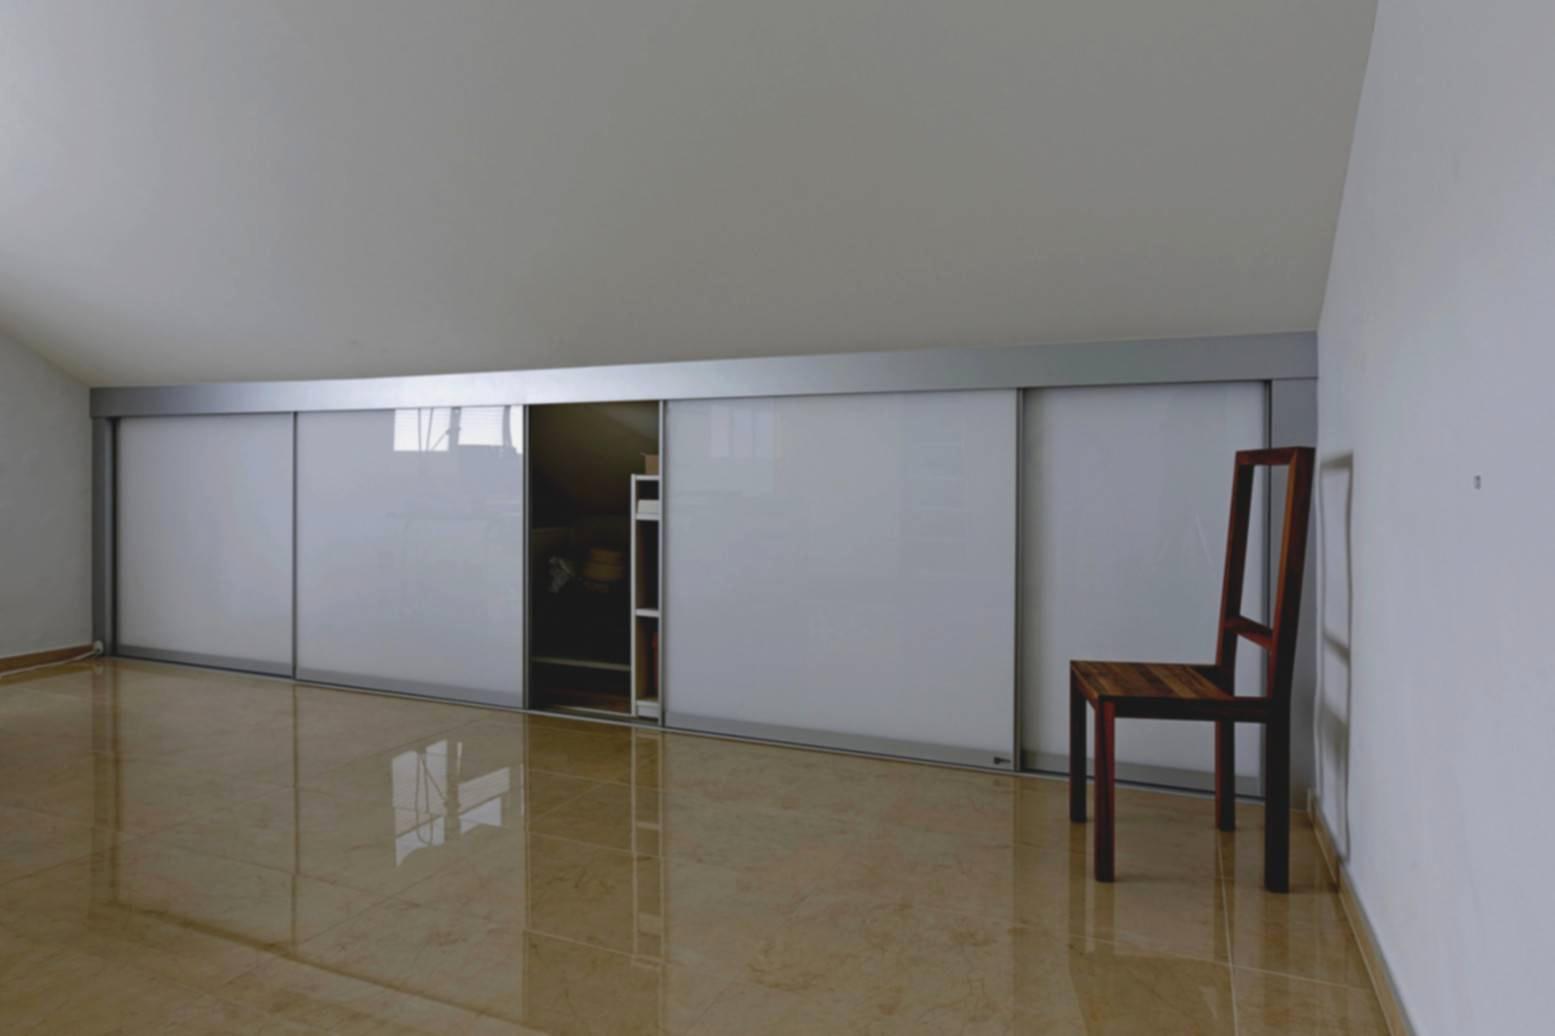 Full Size of Kleiderschrank Schrge Ikea Luxus Schrank Schrage Schrankküche Badezimmer Hochschrank Hängeschrank Küche Glastüren Mit Regal Jalousieschrank Müllschrank Wohnzimmer Dachschräge Schrank Ikea